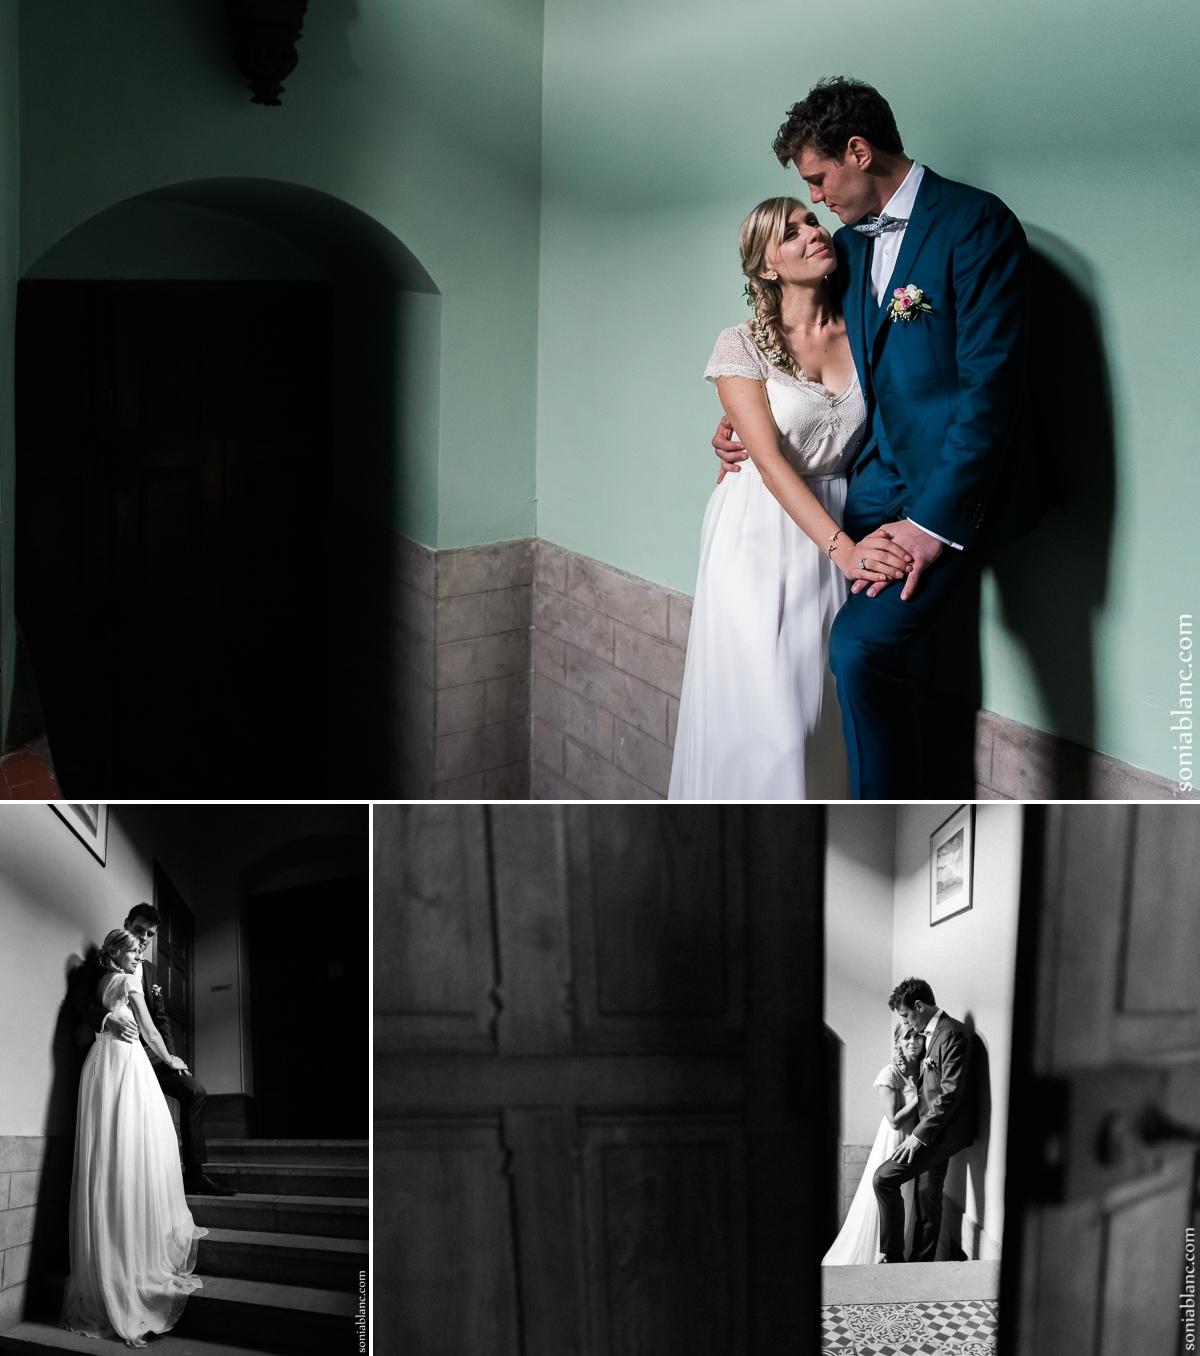 91. sonia blanc photographe - reportage de mariage - photo de couple - plombieres-les-dijon - prieuré de bonvaux - bourgogne